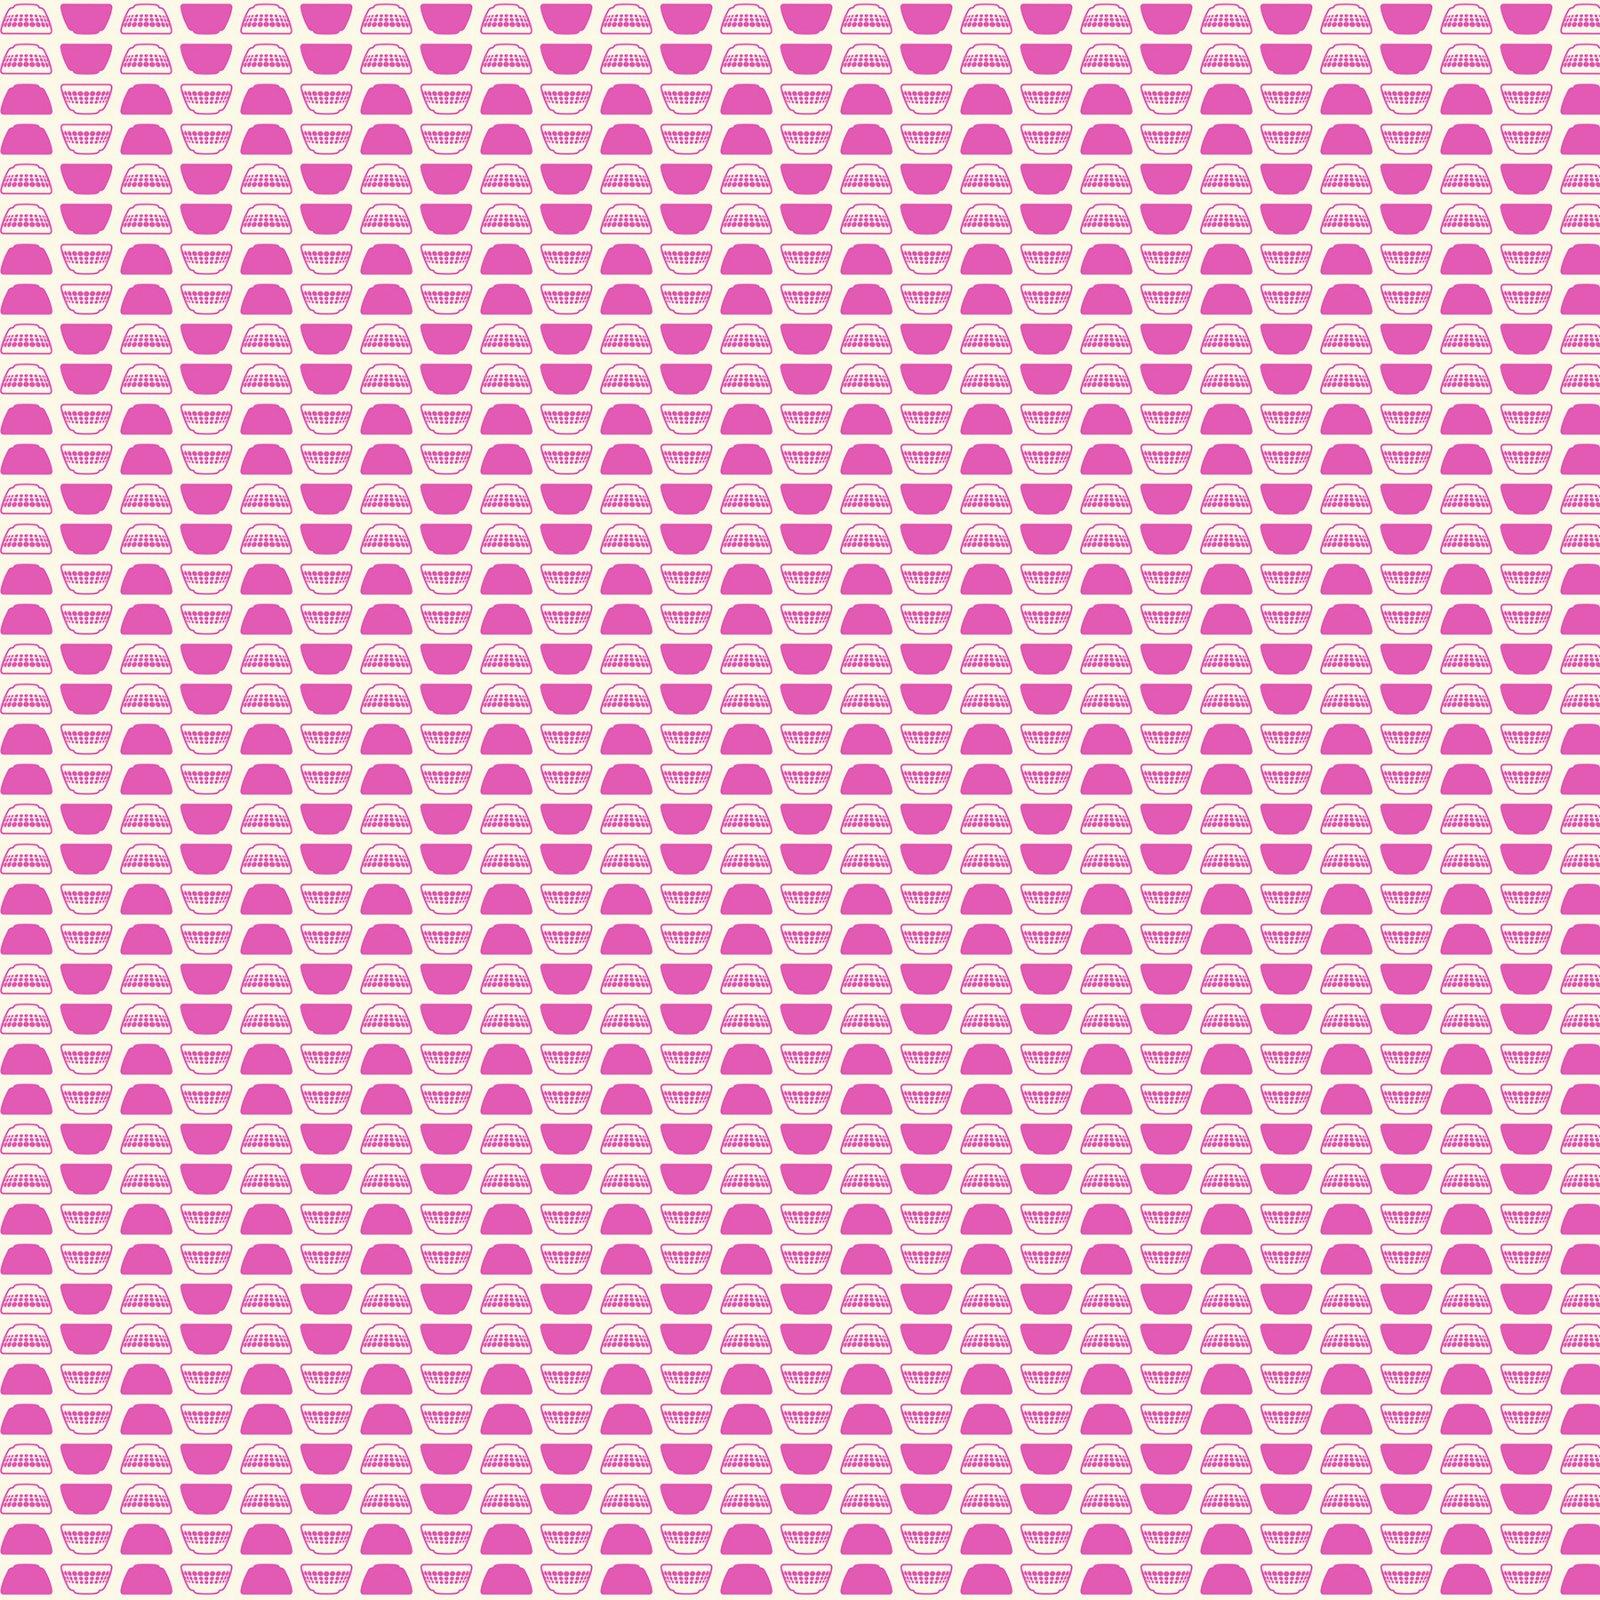 Bowls/Pink: Butterscotch (Figo)